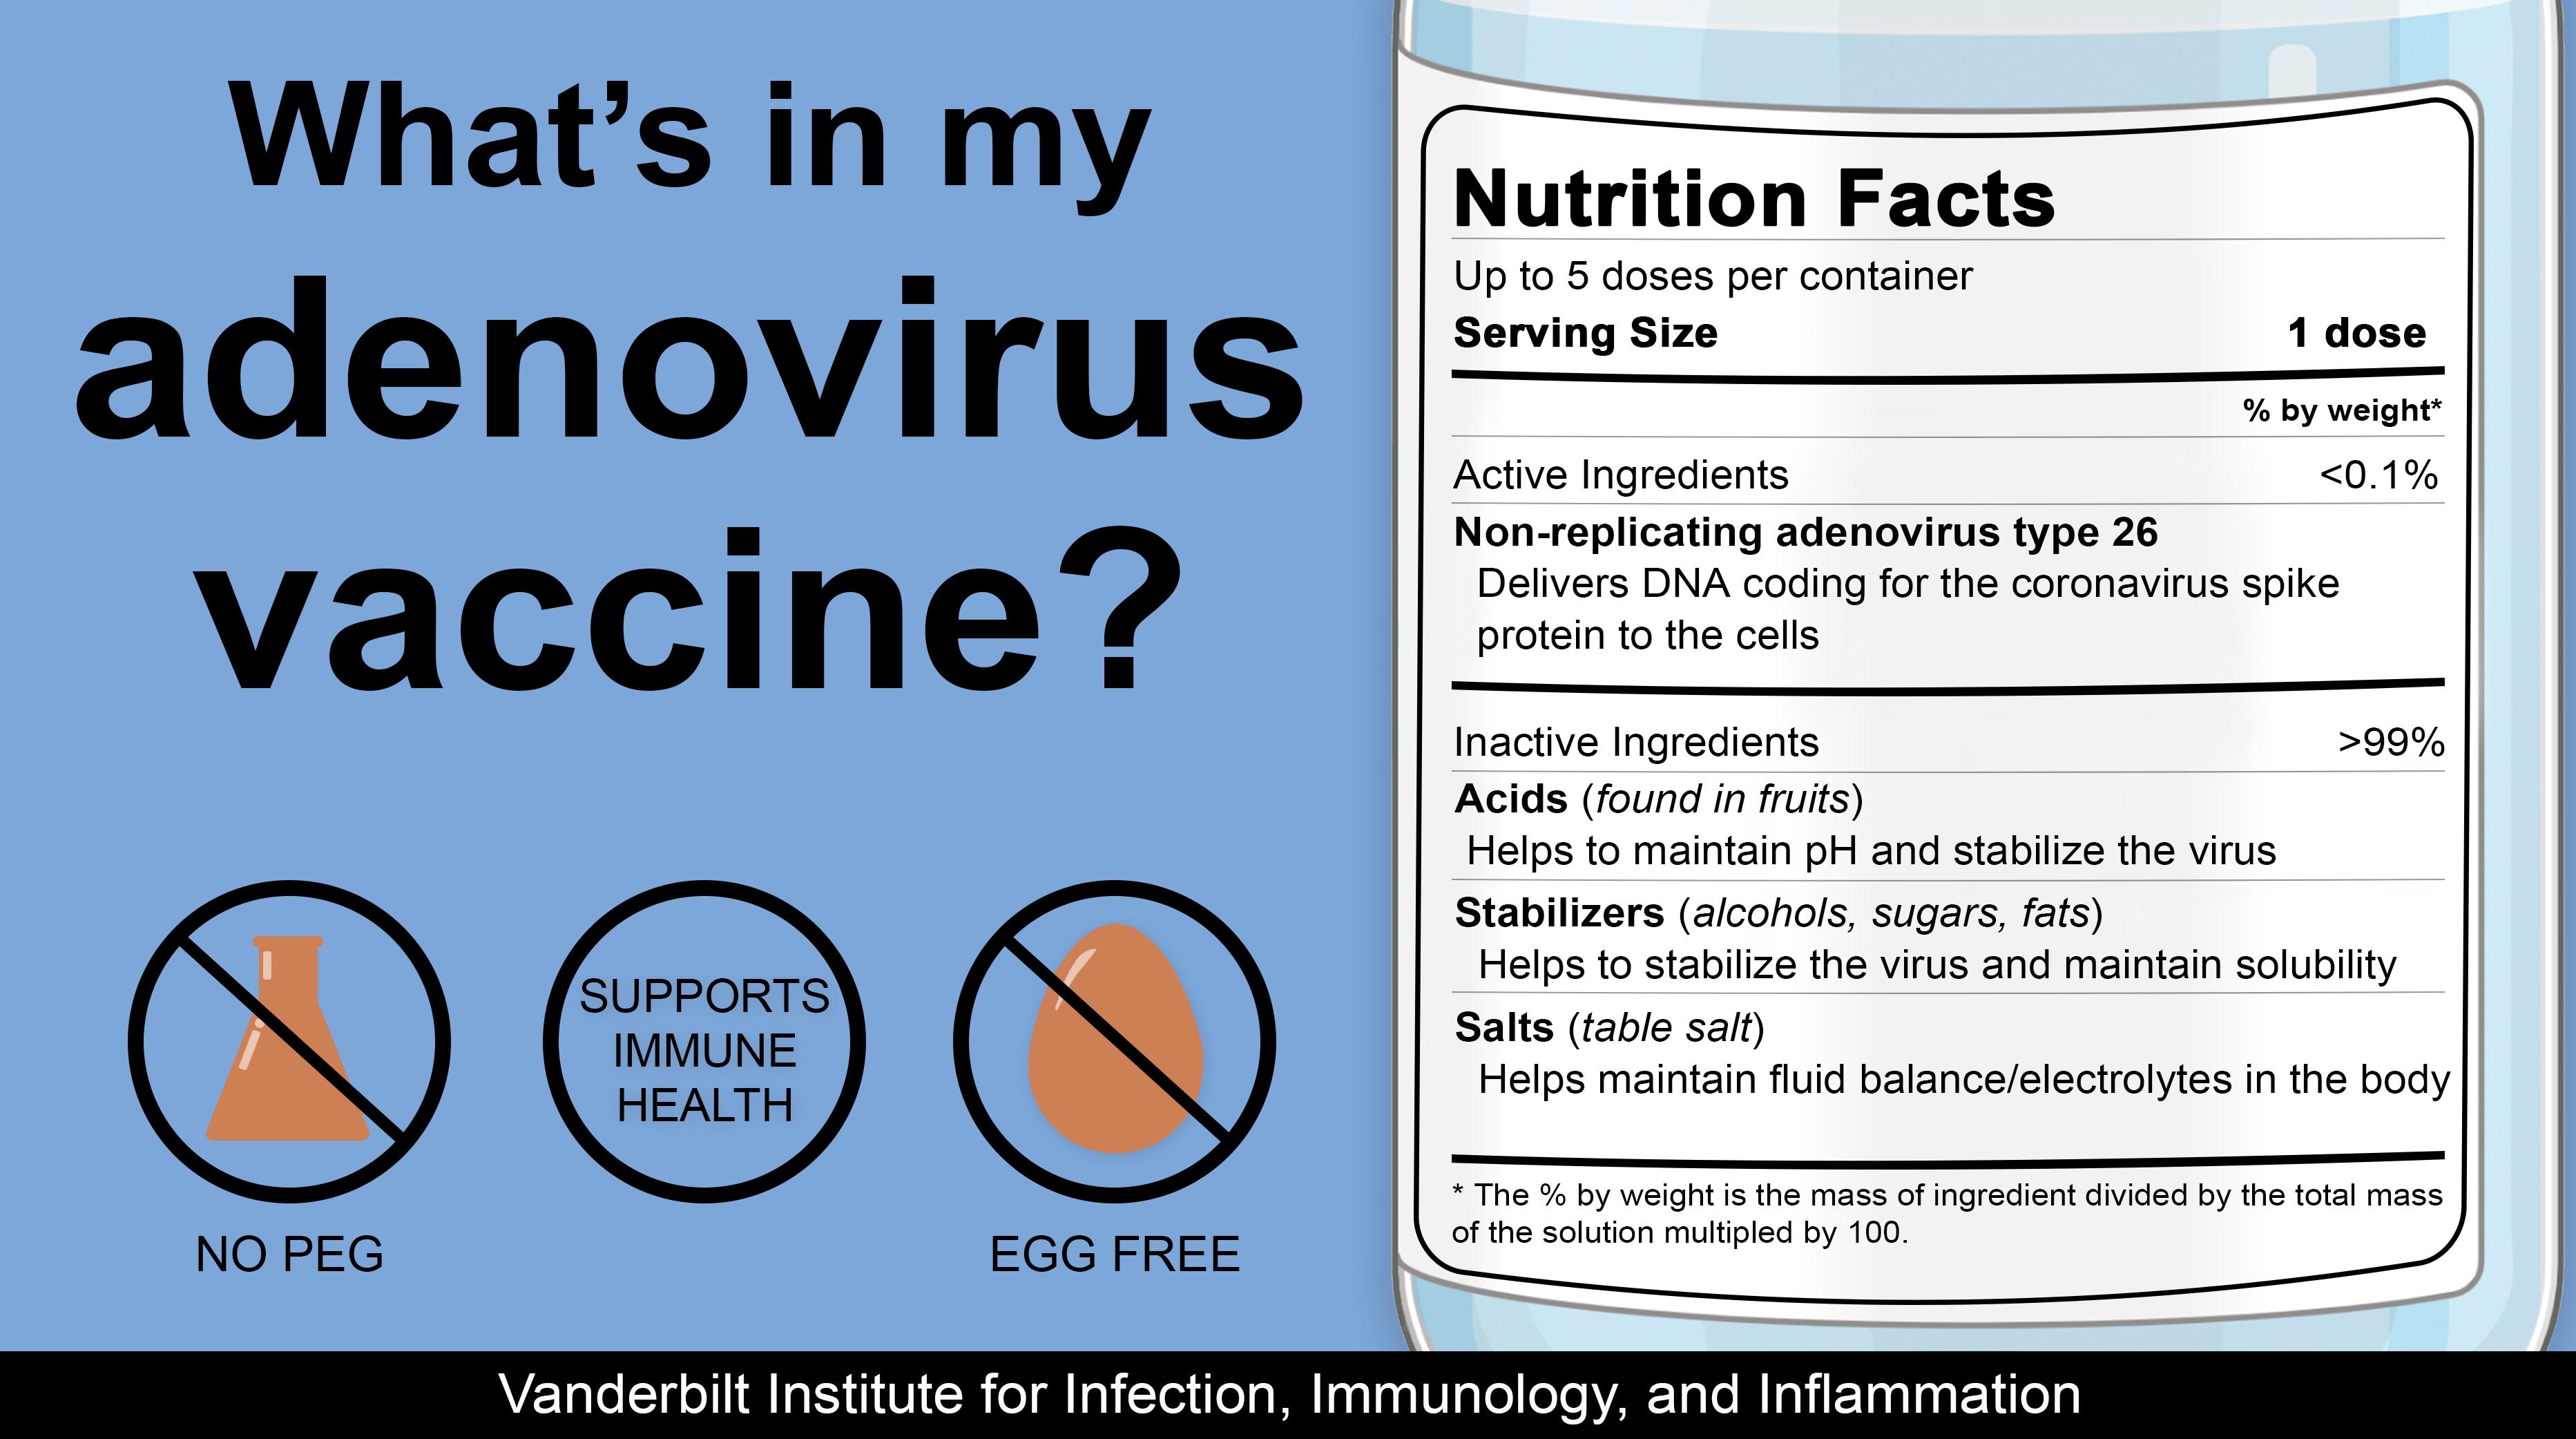 What's in my adenovirus vaccine?